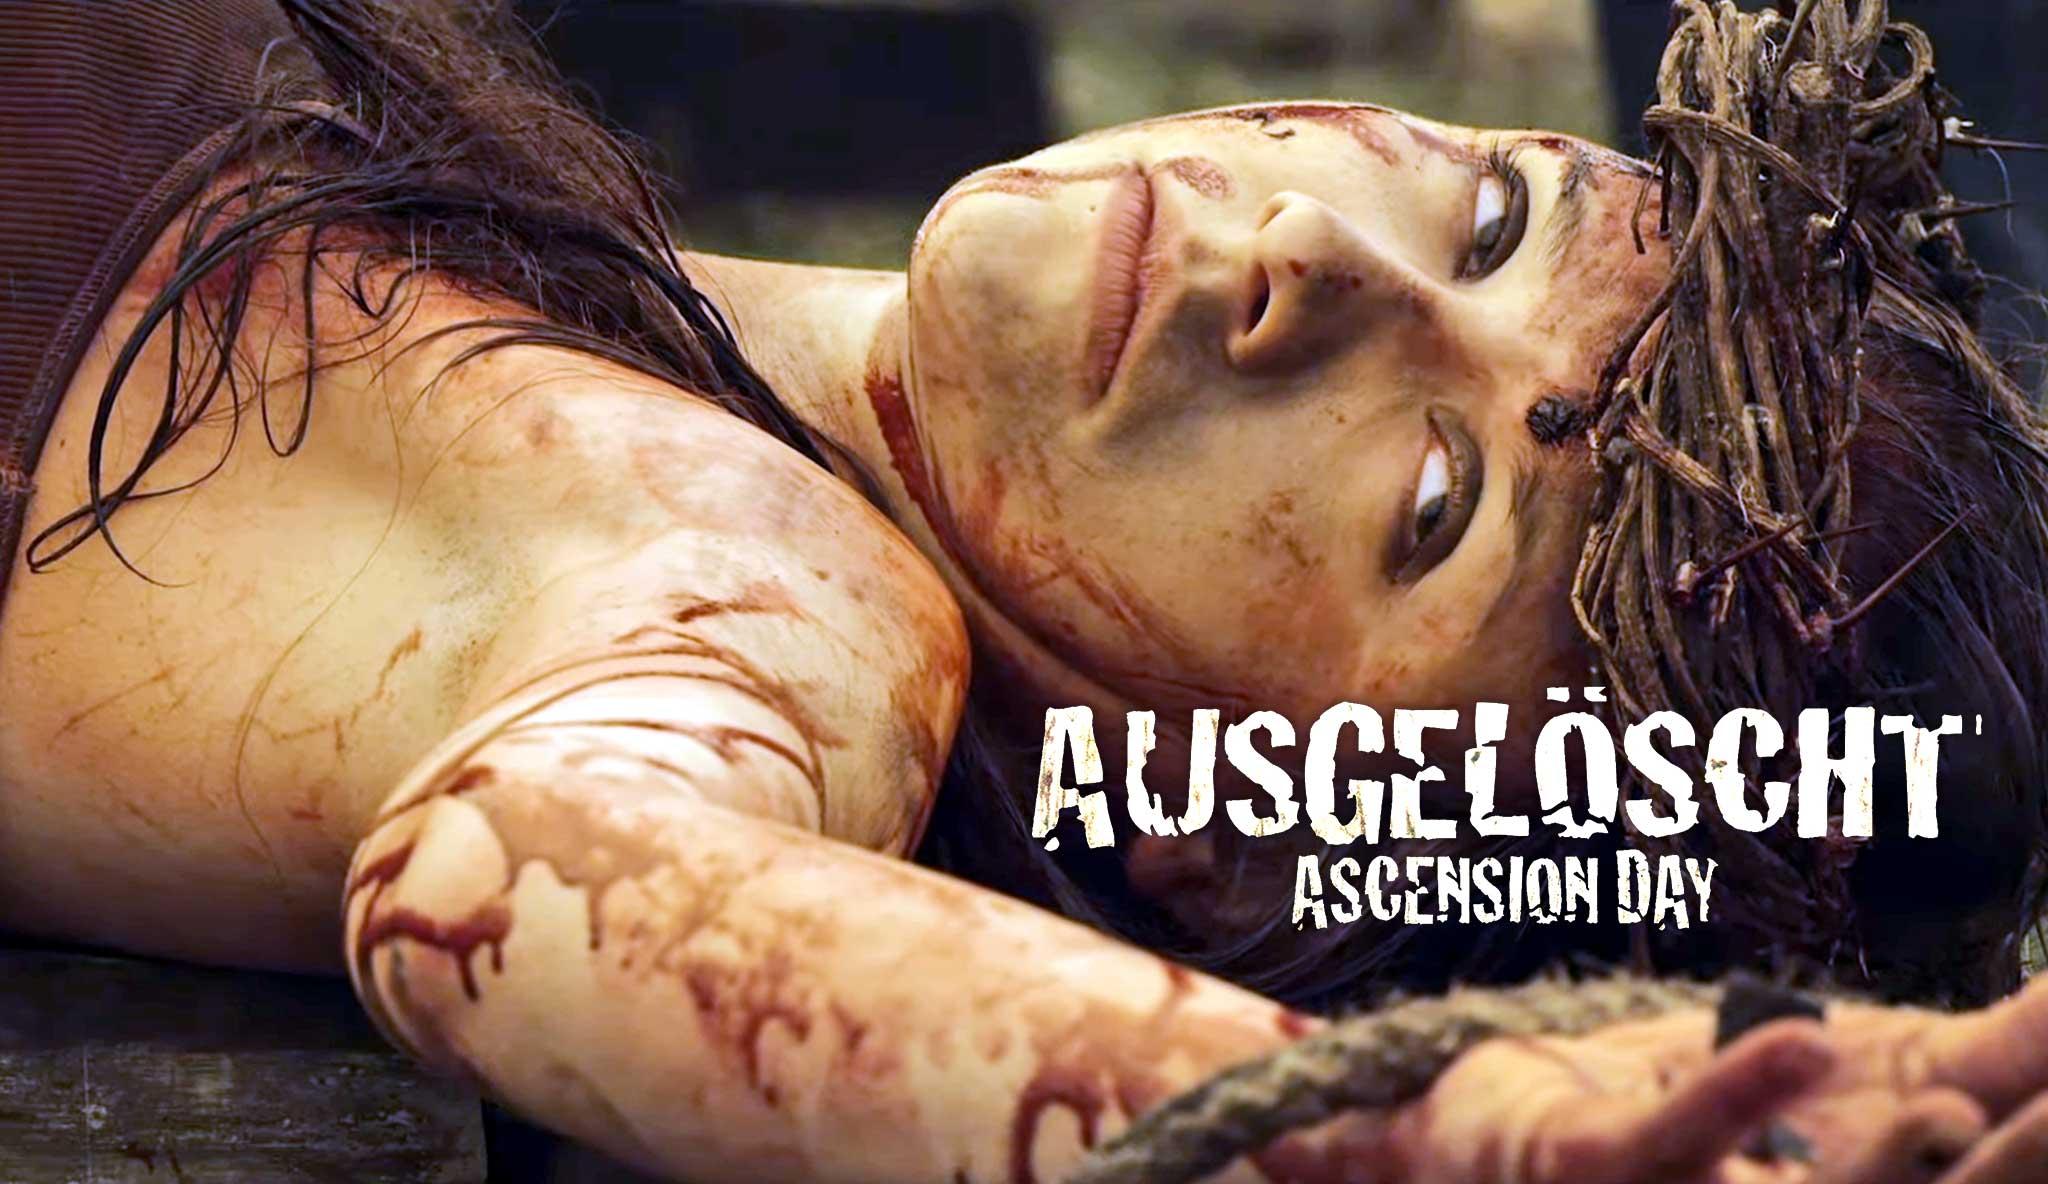 ausgeloscht-ascension-day\header.jpg